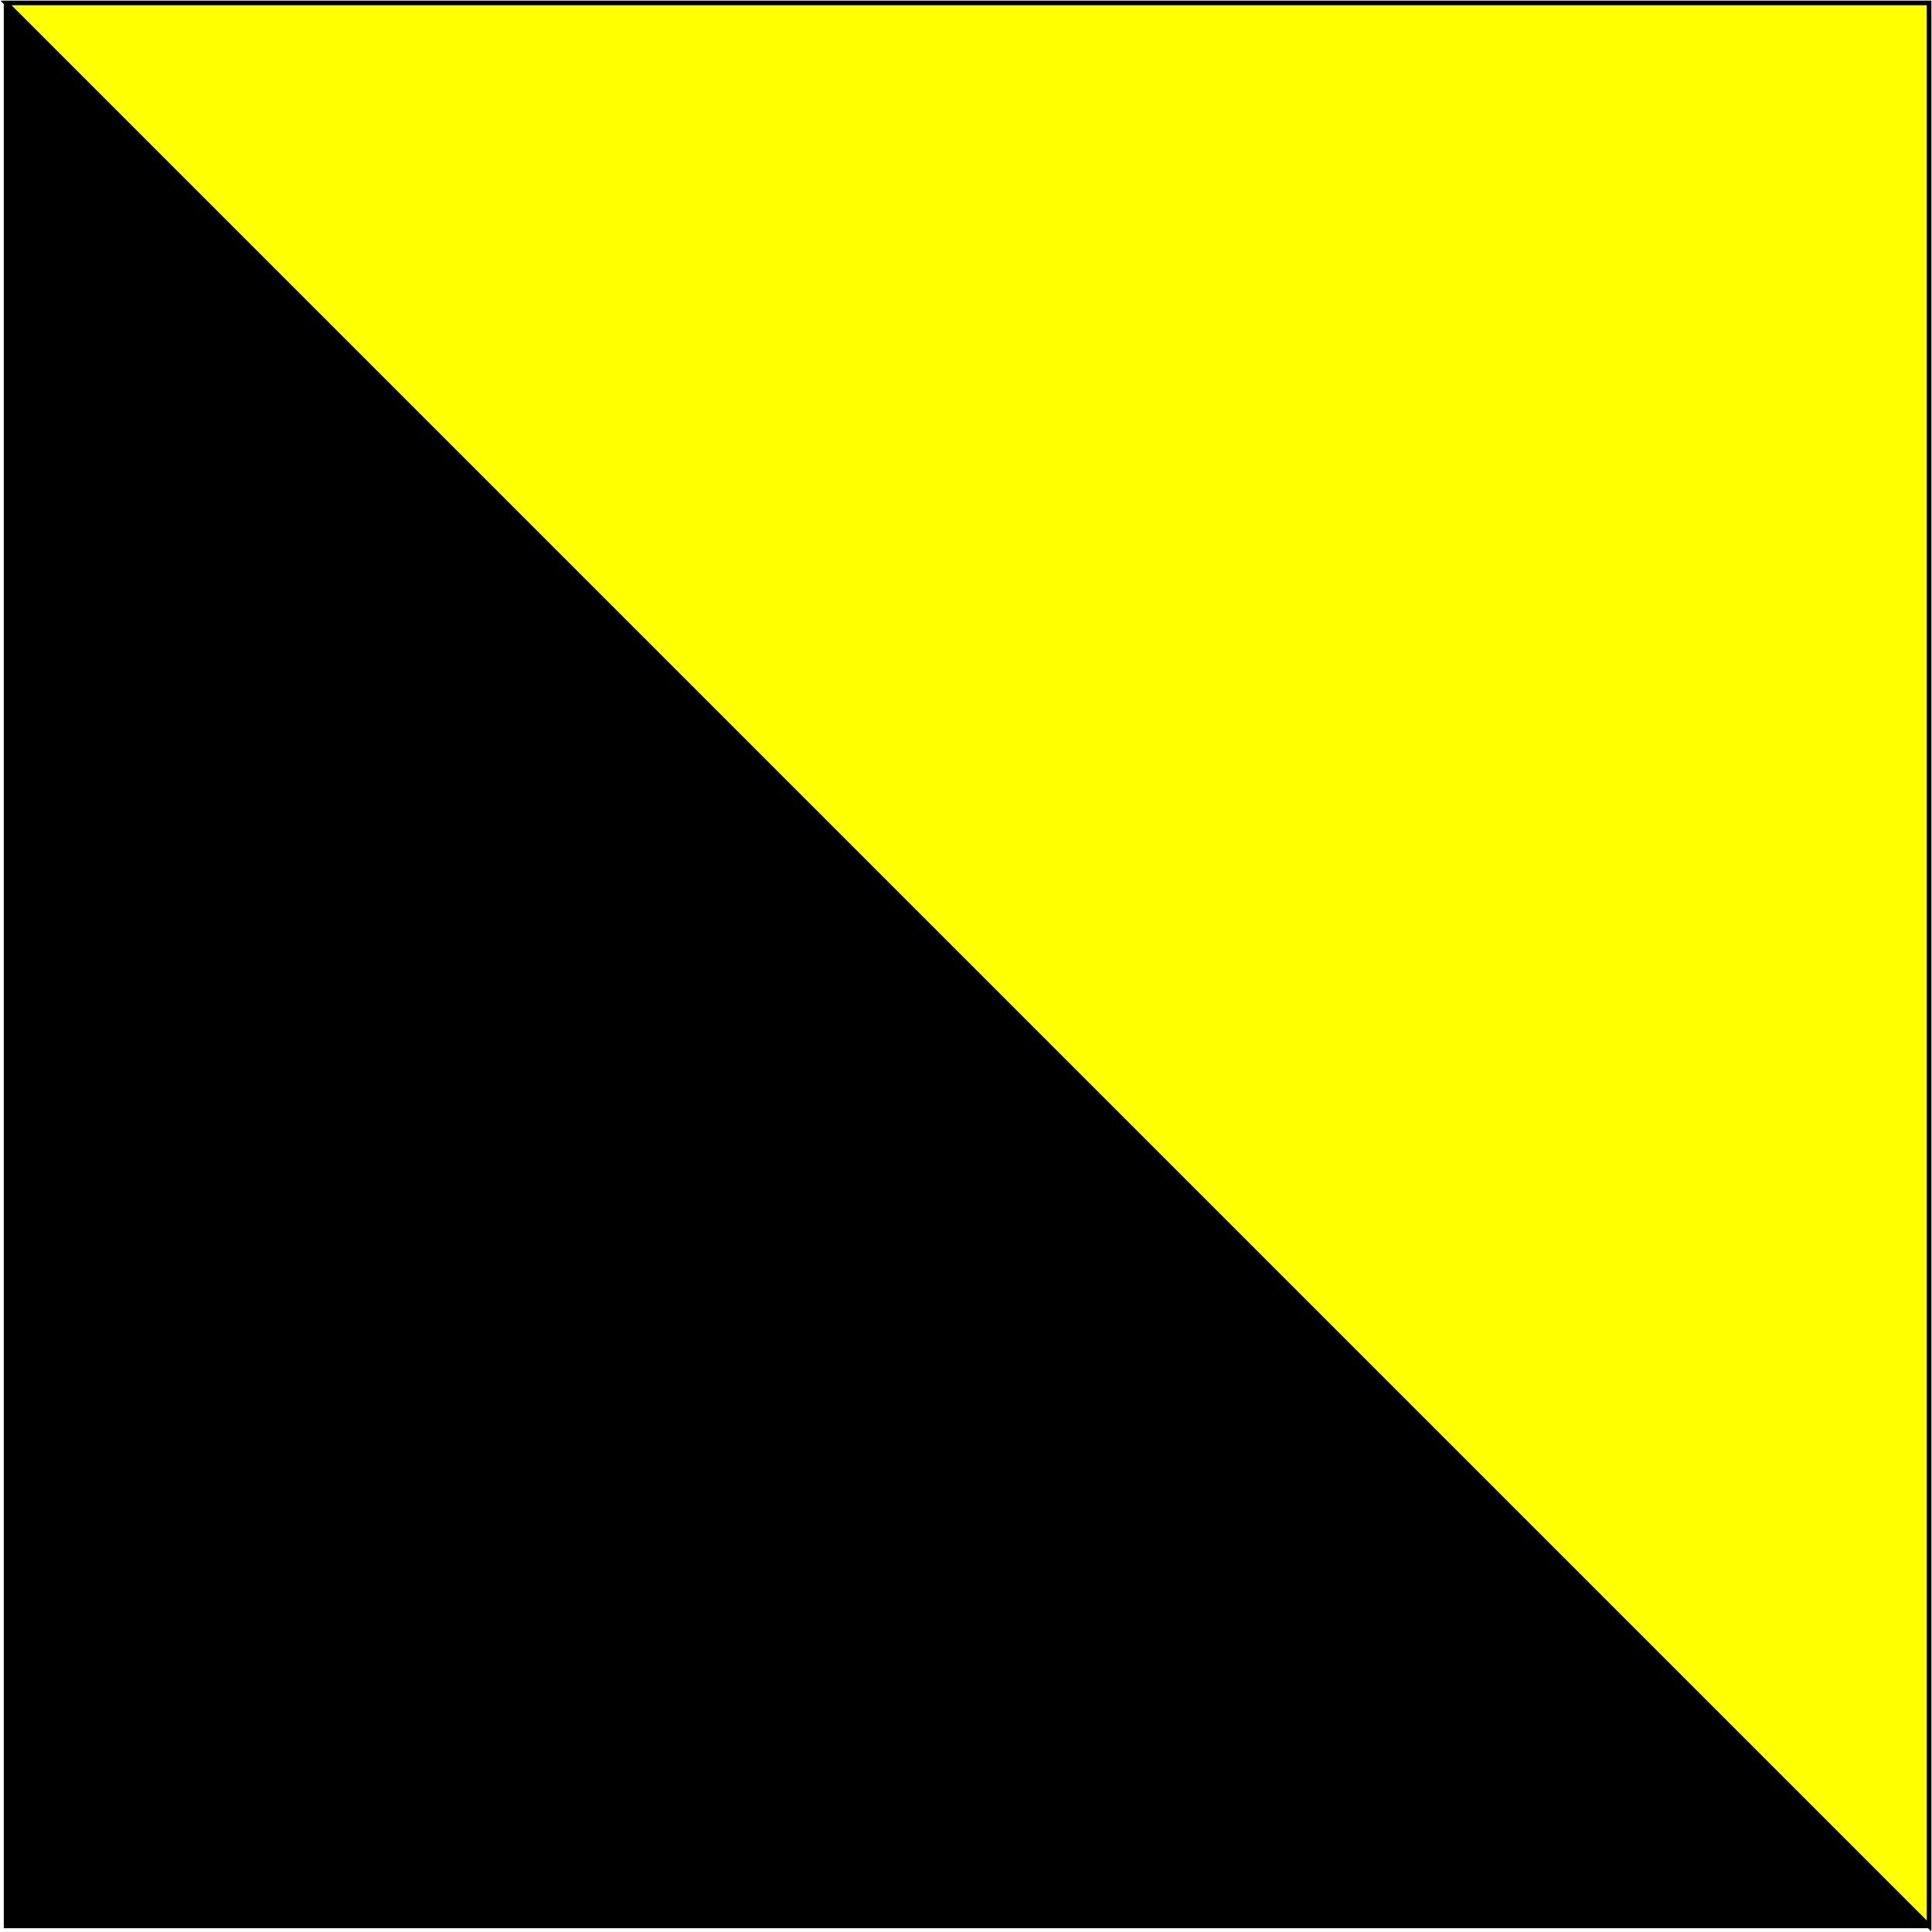 czarny/żółty fluorescencyjny